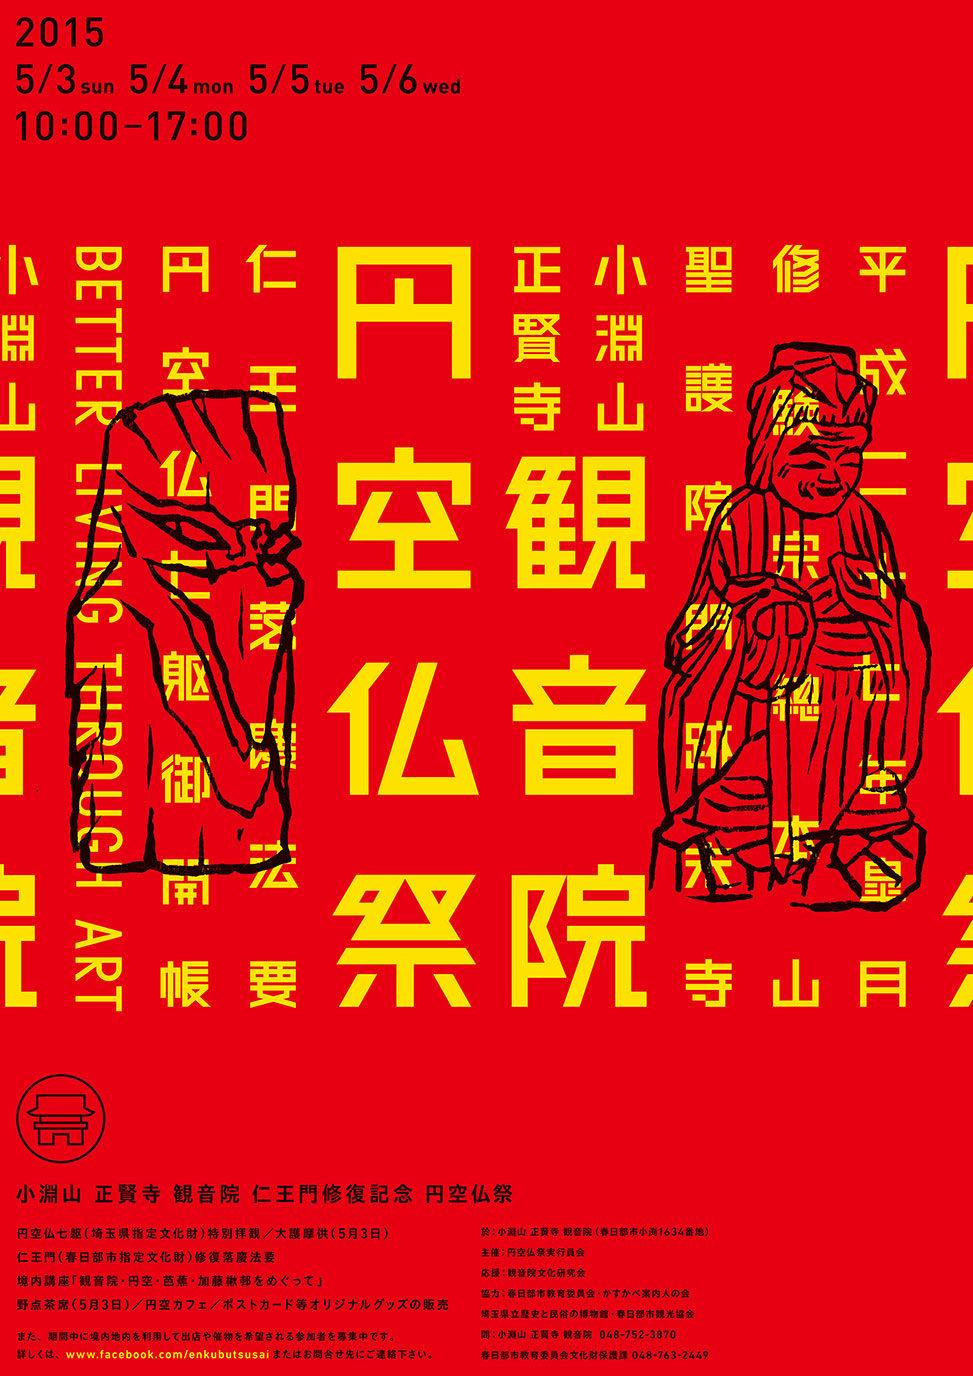 円空仏祭ポスター